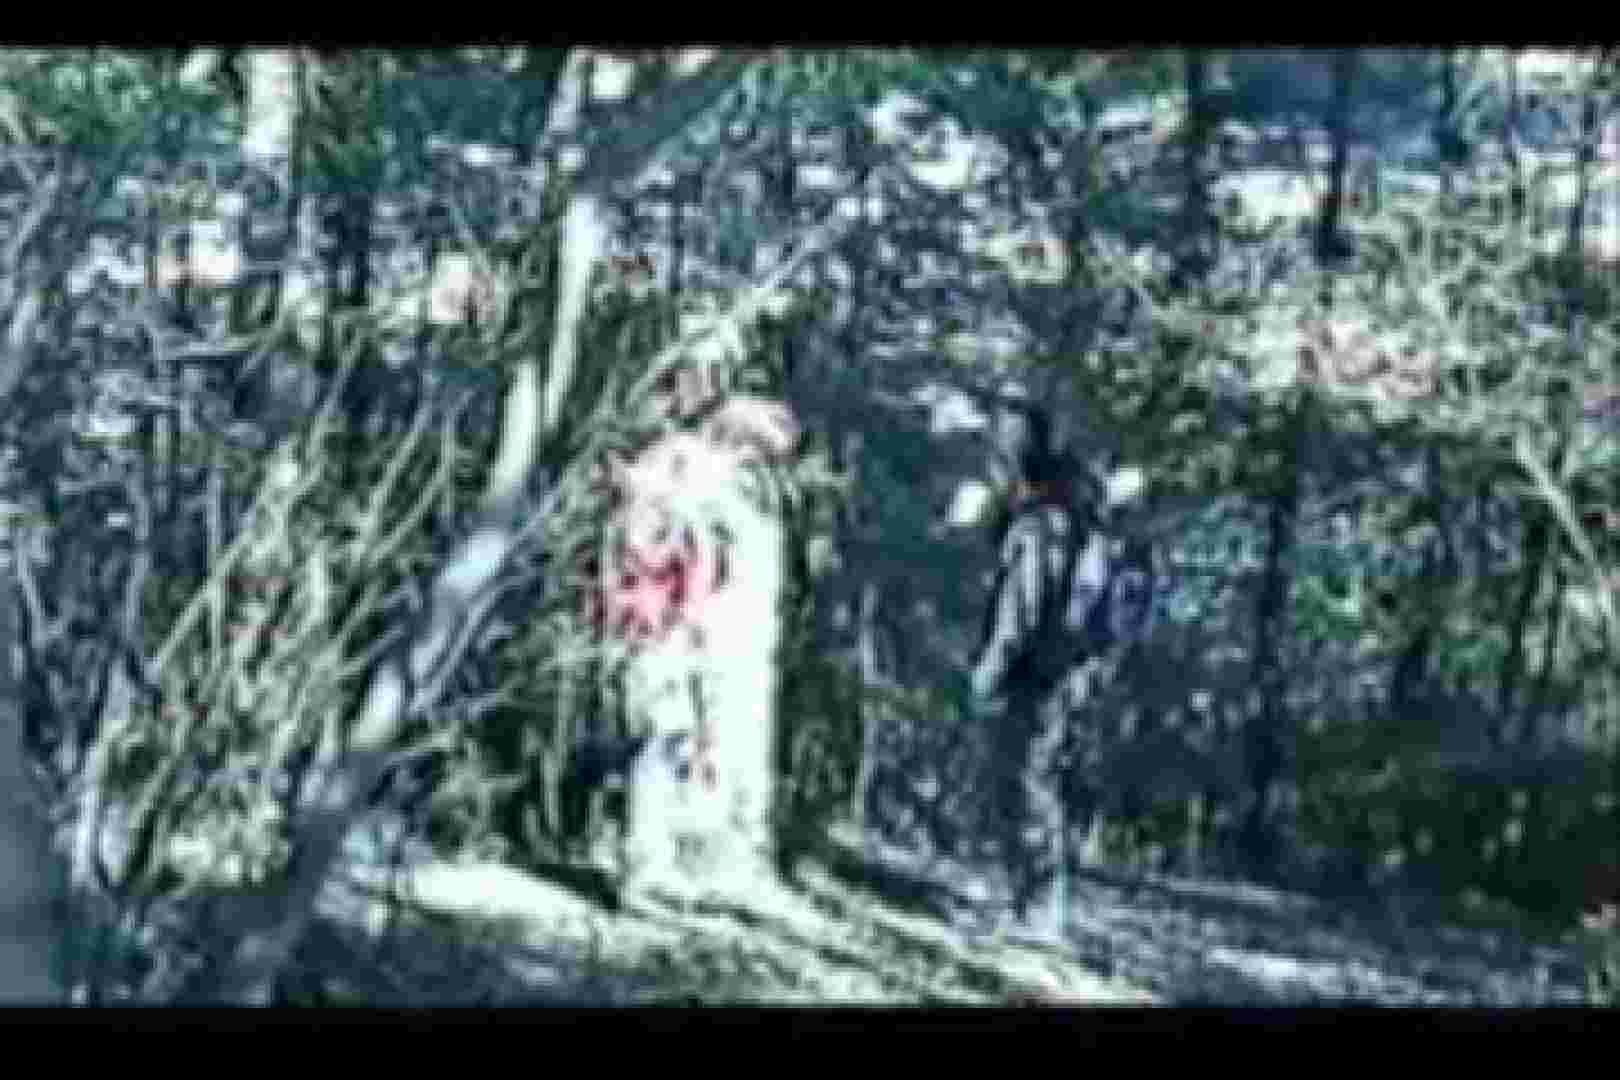 オールドゲイシリーズ  美少年ひかるのオープンファック イケメン  106pic 70